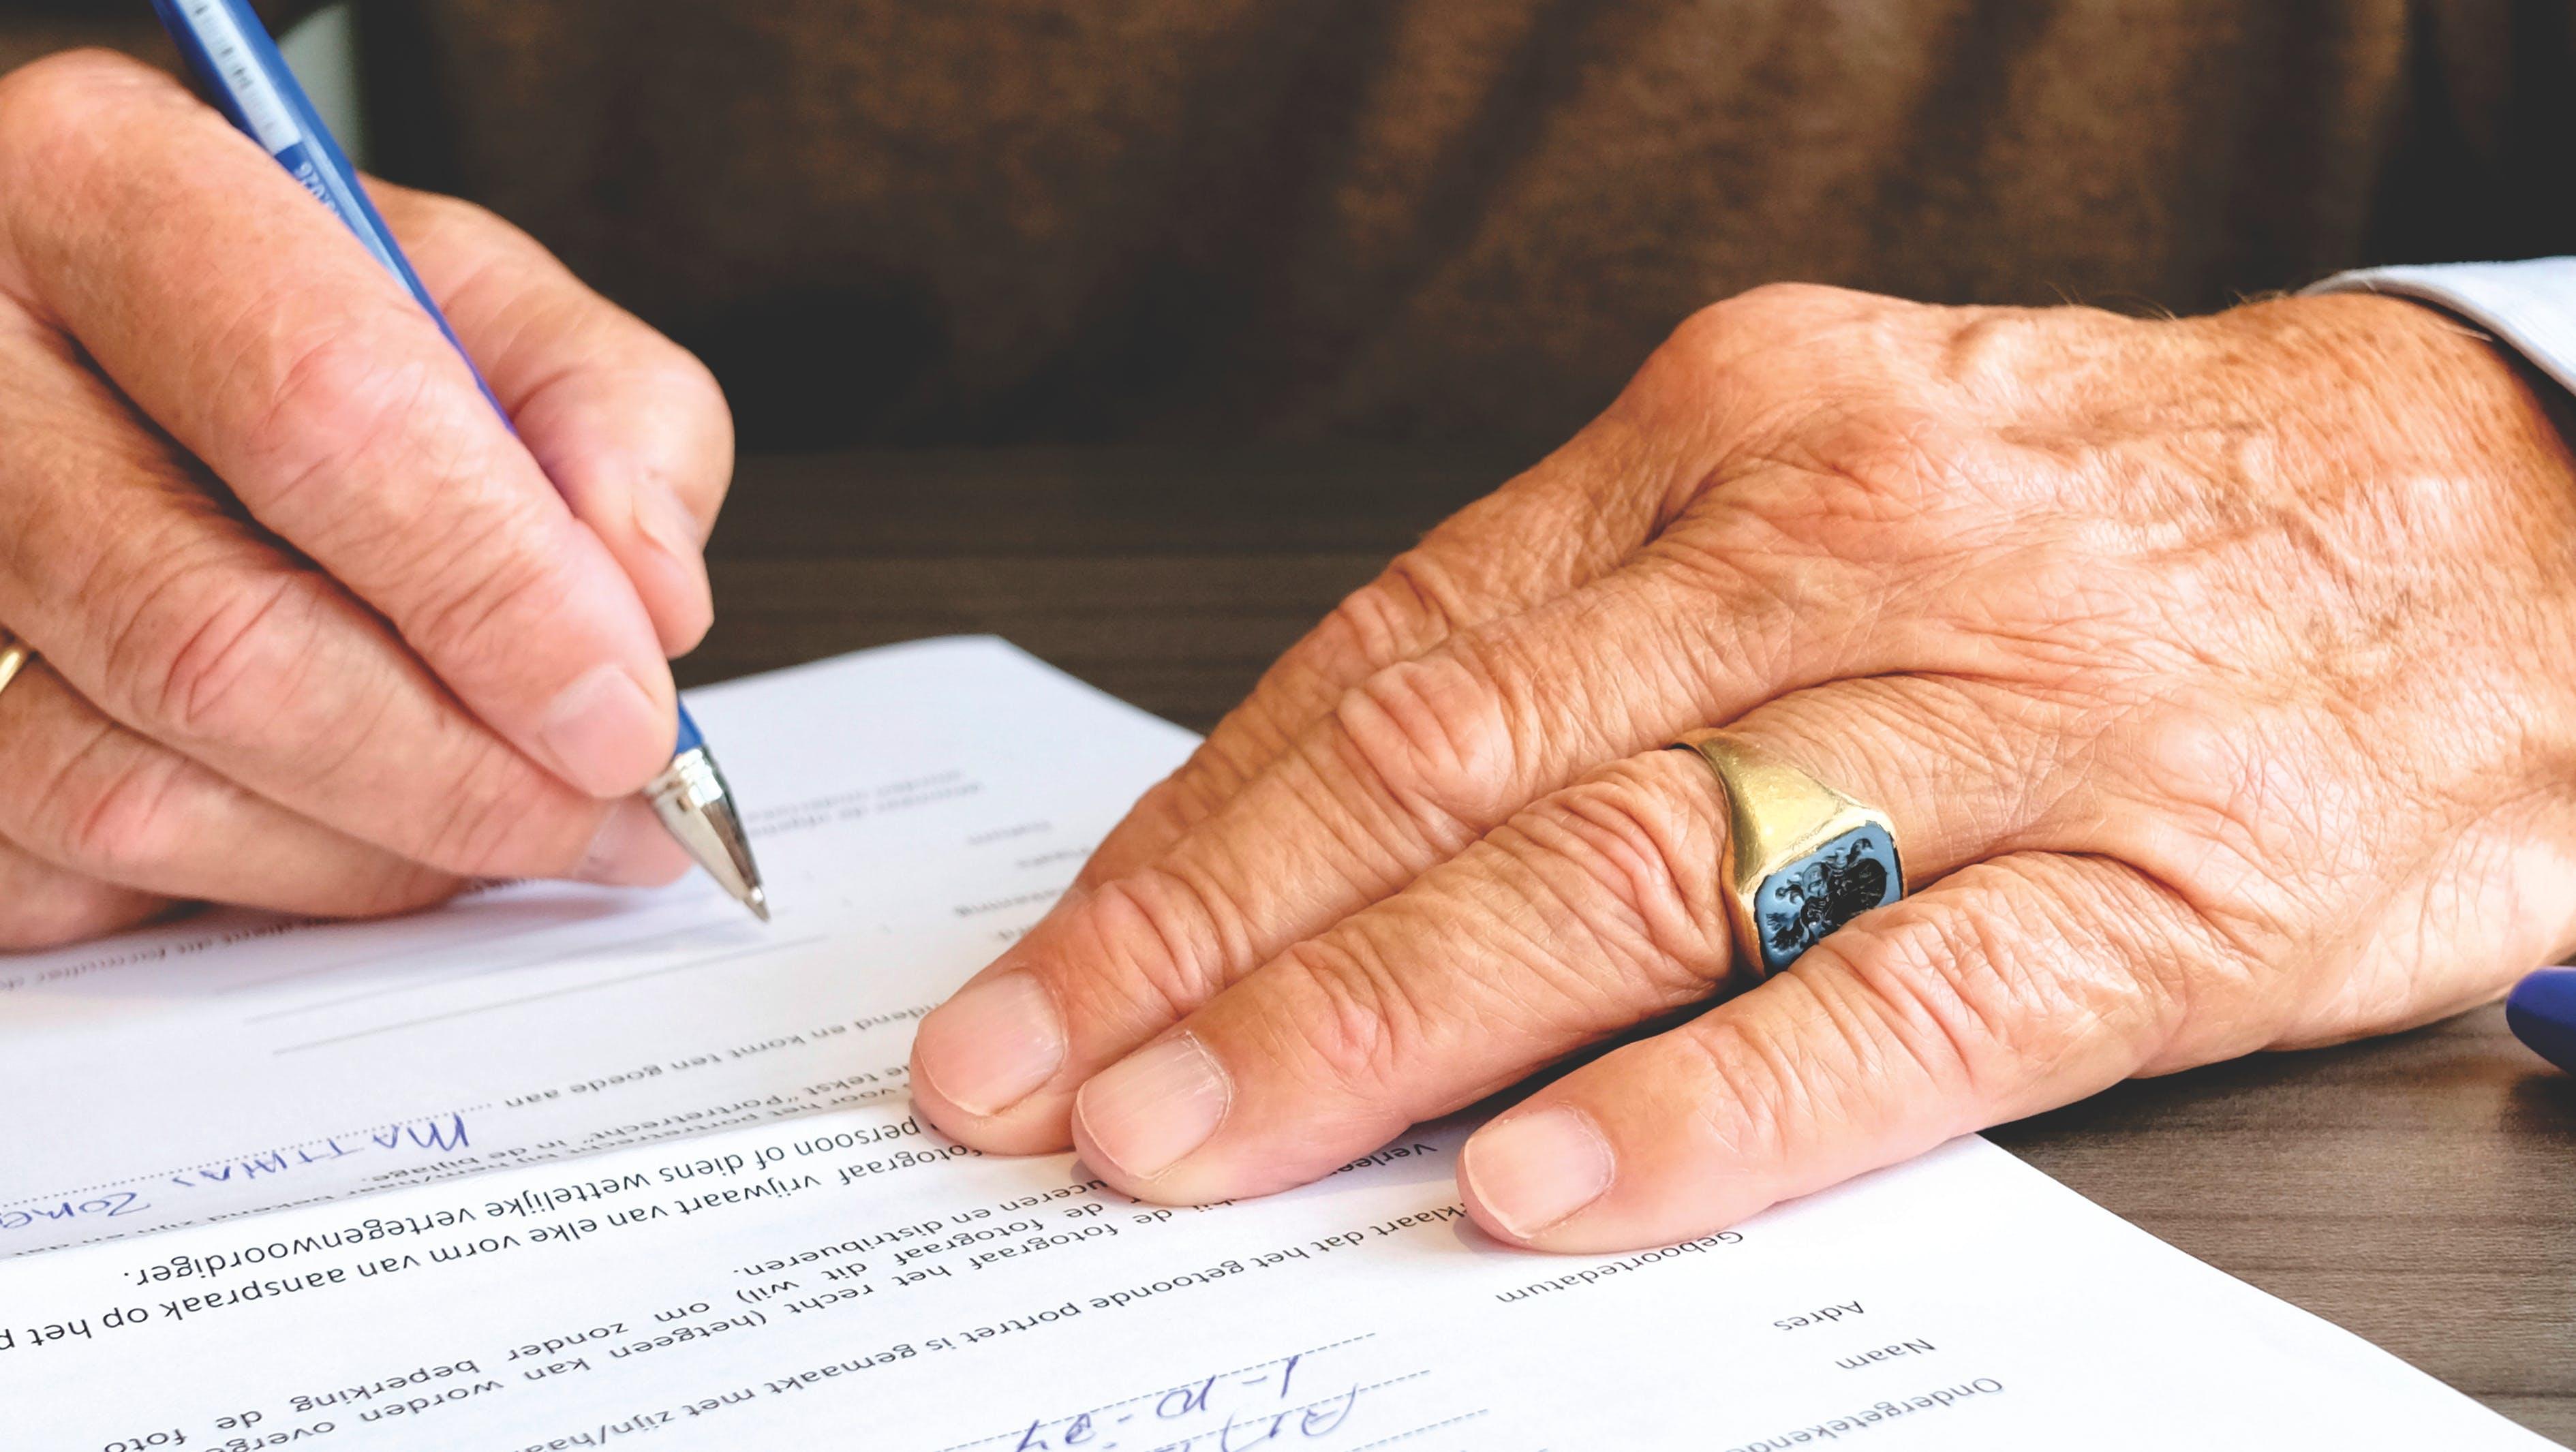 Apply for Trust Tax ID (EIN) Number | Online EIN Application